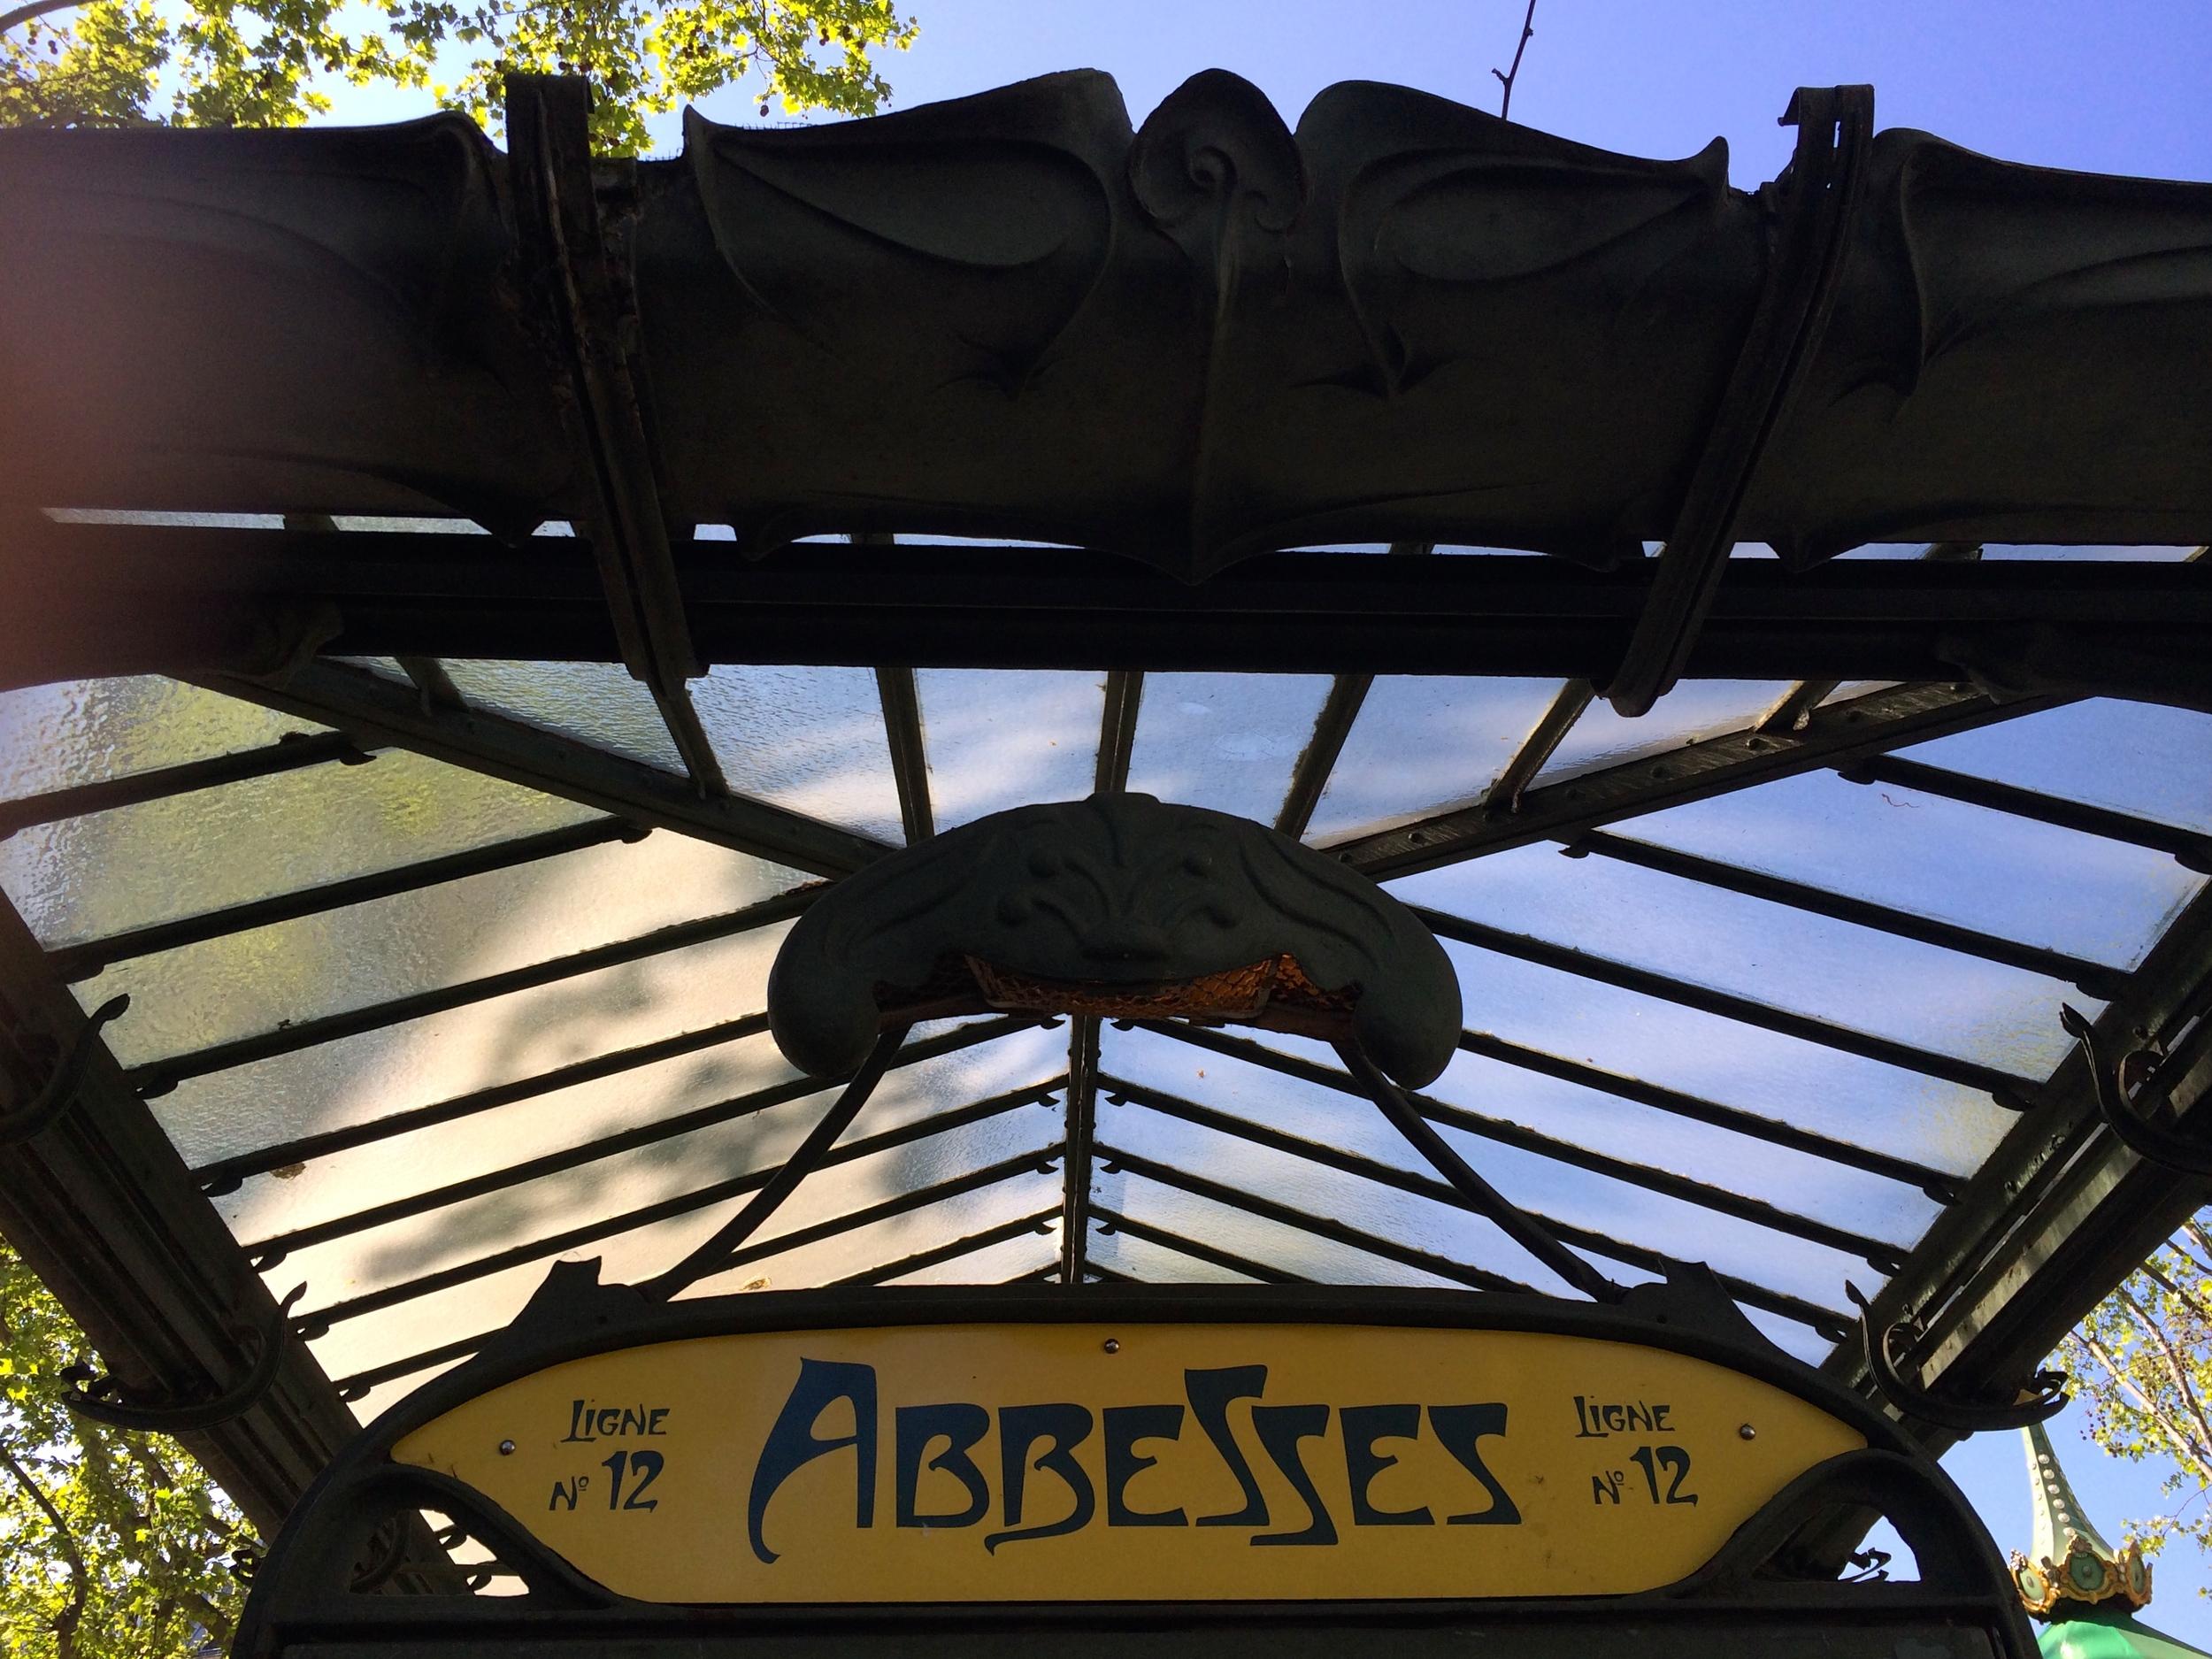 Characteristic Art Nouveau sign at Métro entrances